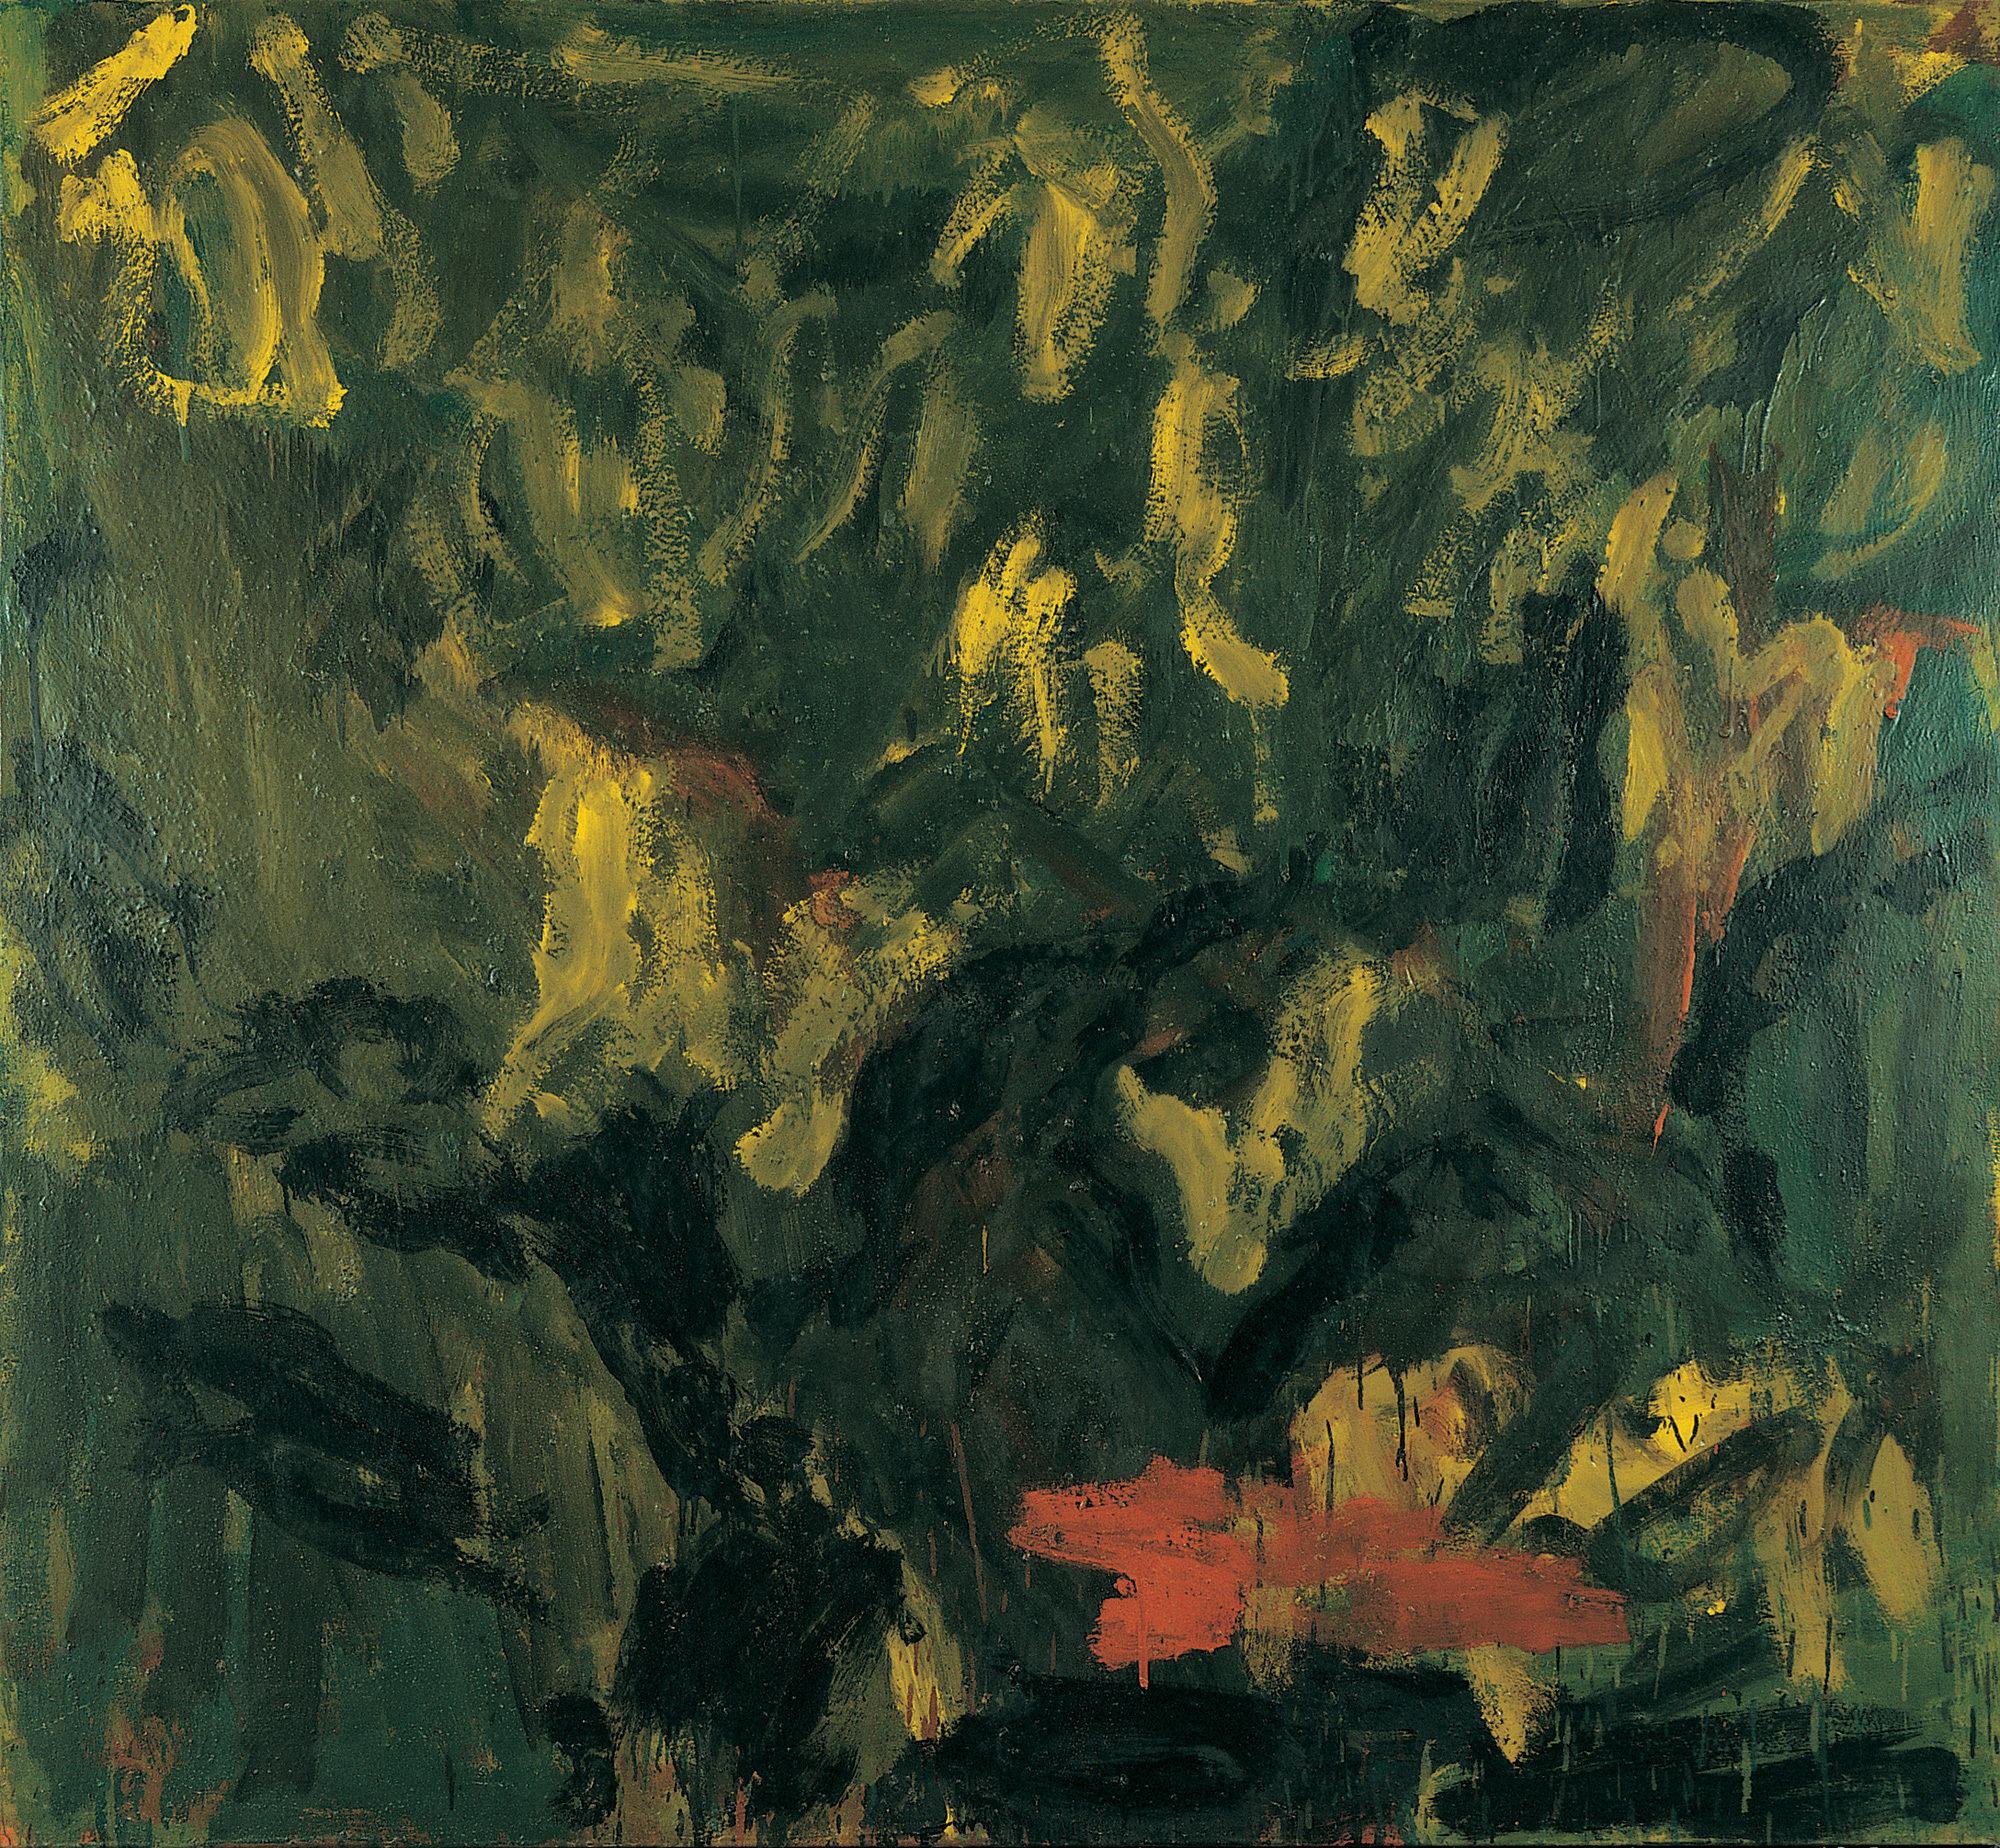 Dans les champs d'oliviers, huile sur toile,188 x 205 cm. (Photo © A.Morain)